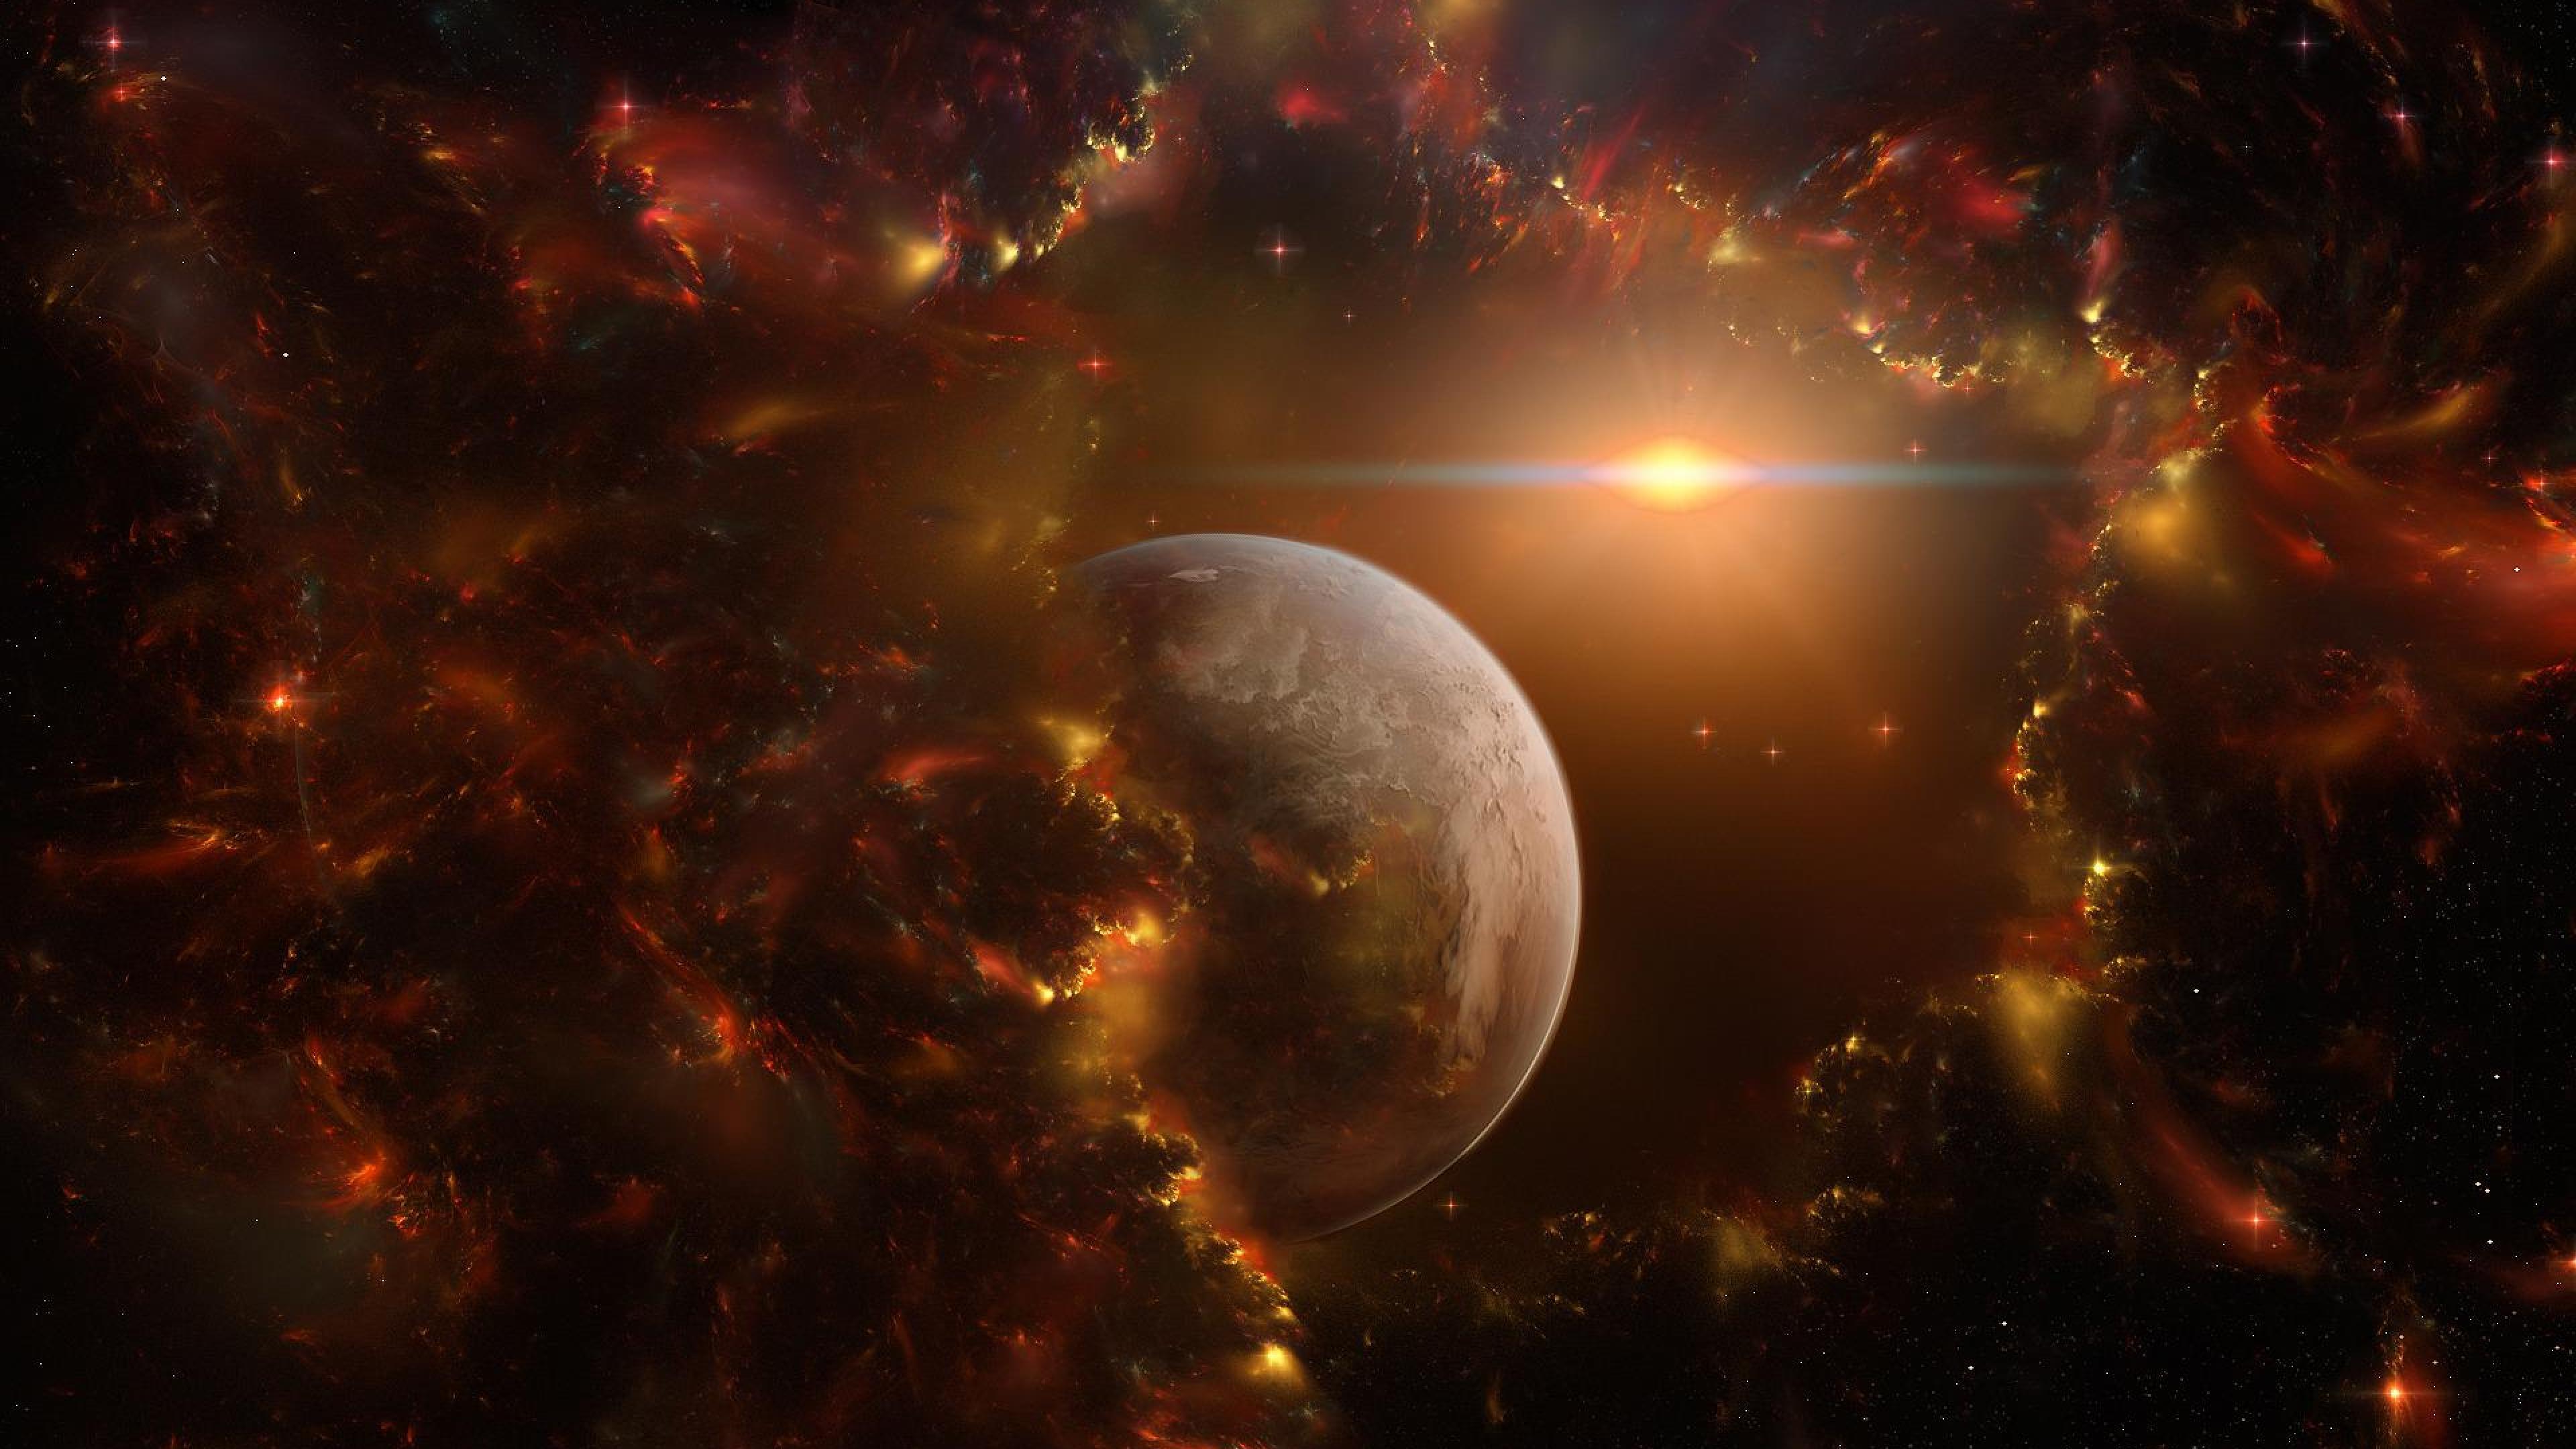 Обои Ужасающий космос картинки на рабочий стол на тему Космос - скачать бесплатно